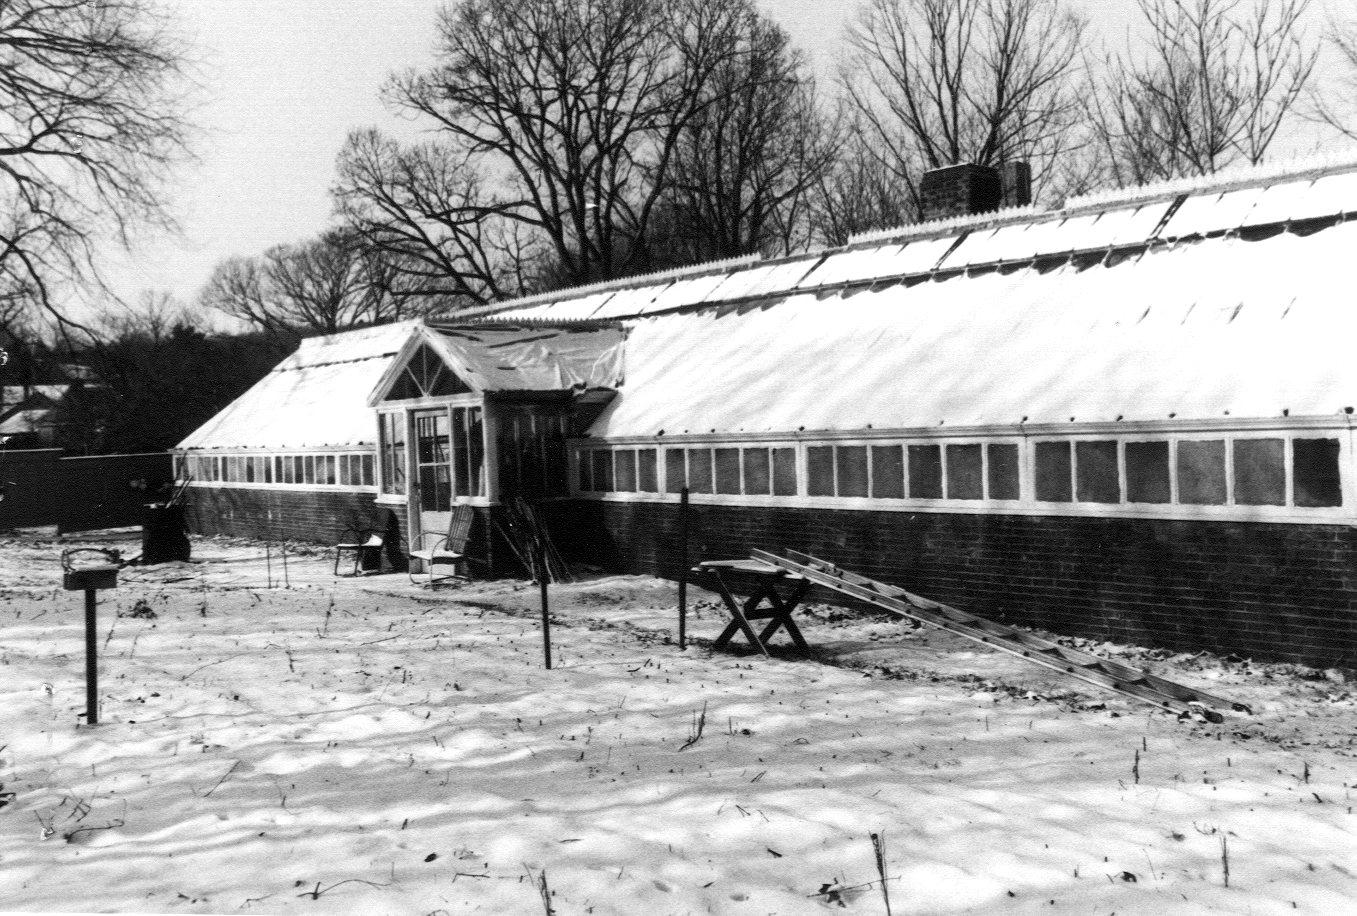 Underwood Greenhouses BLM 65